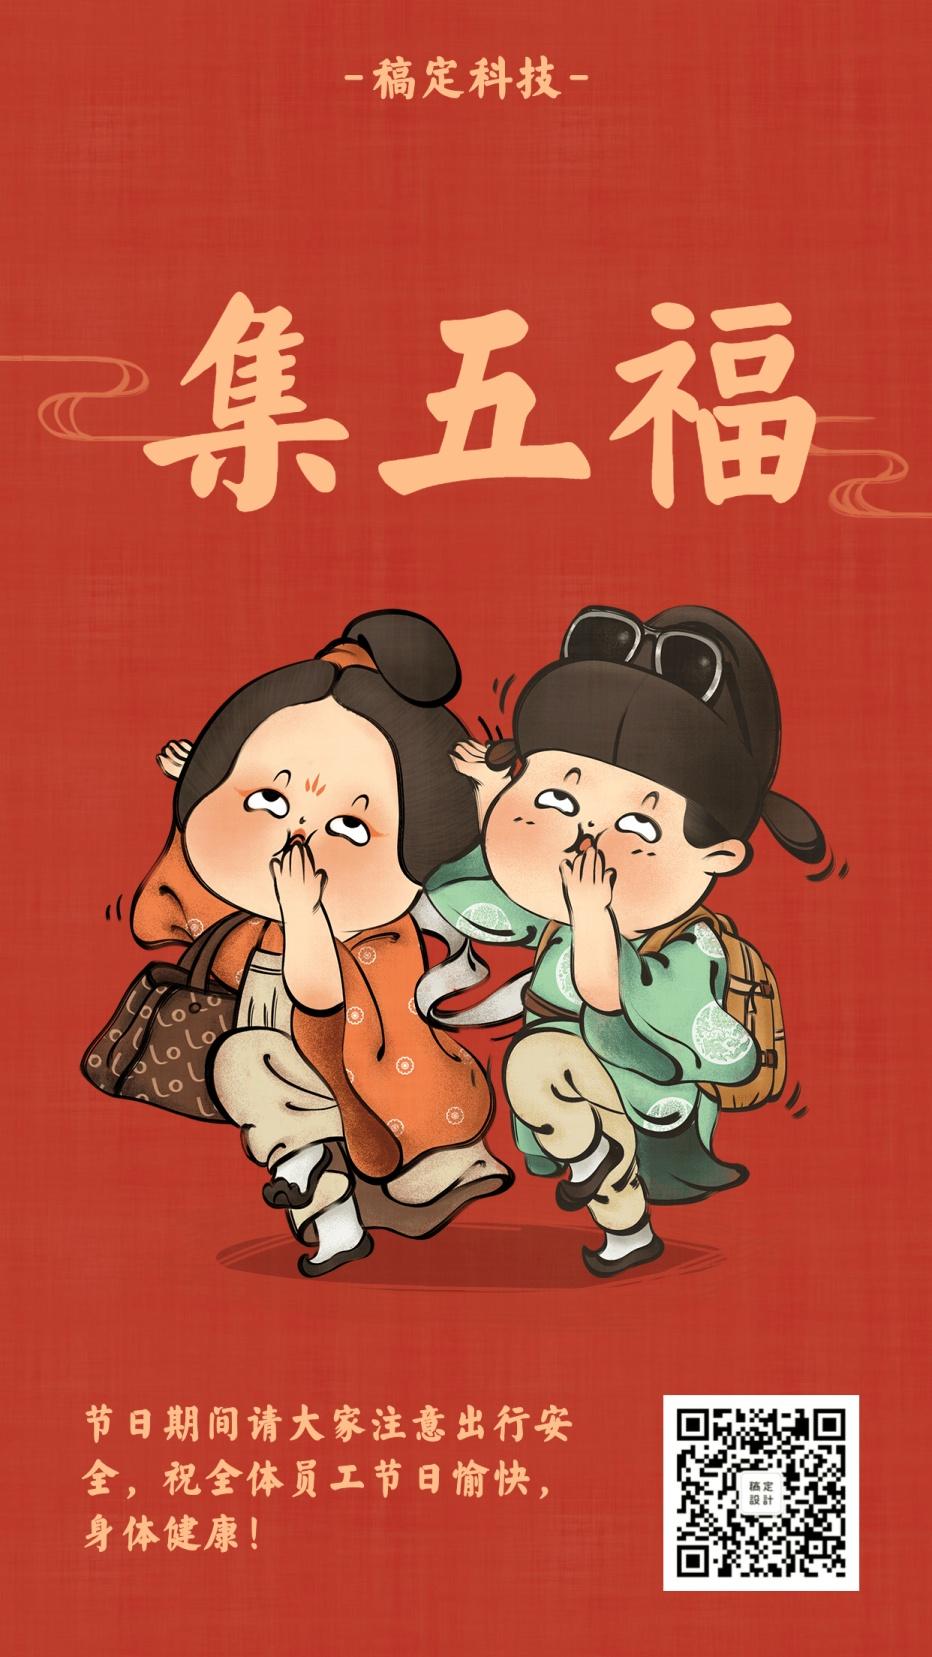 新年春节放假通知潮流中国风手机海报